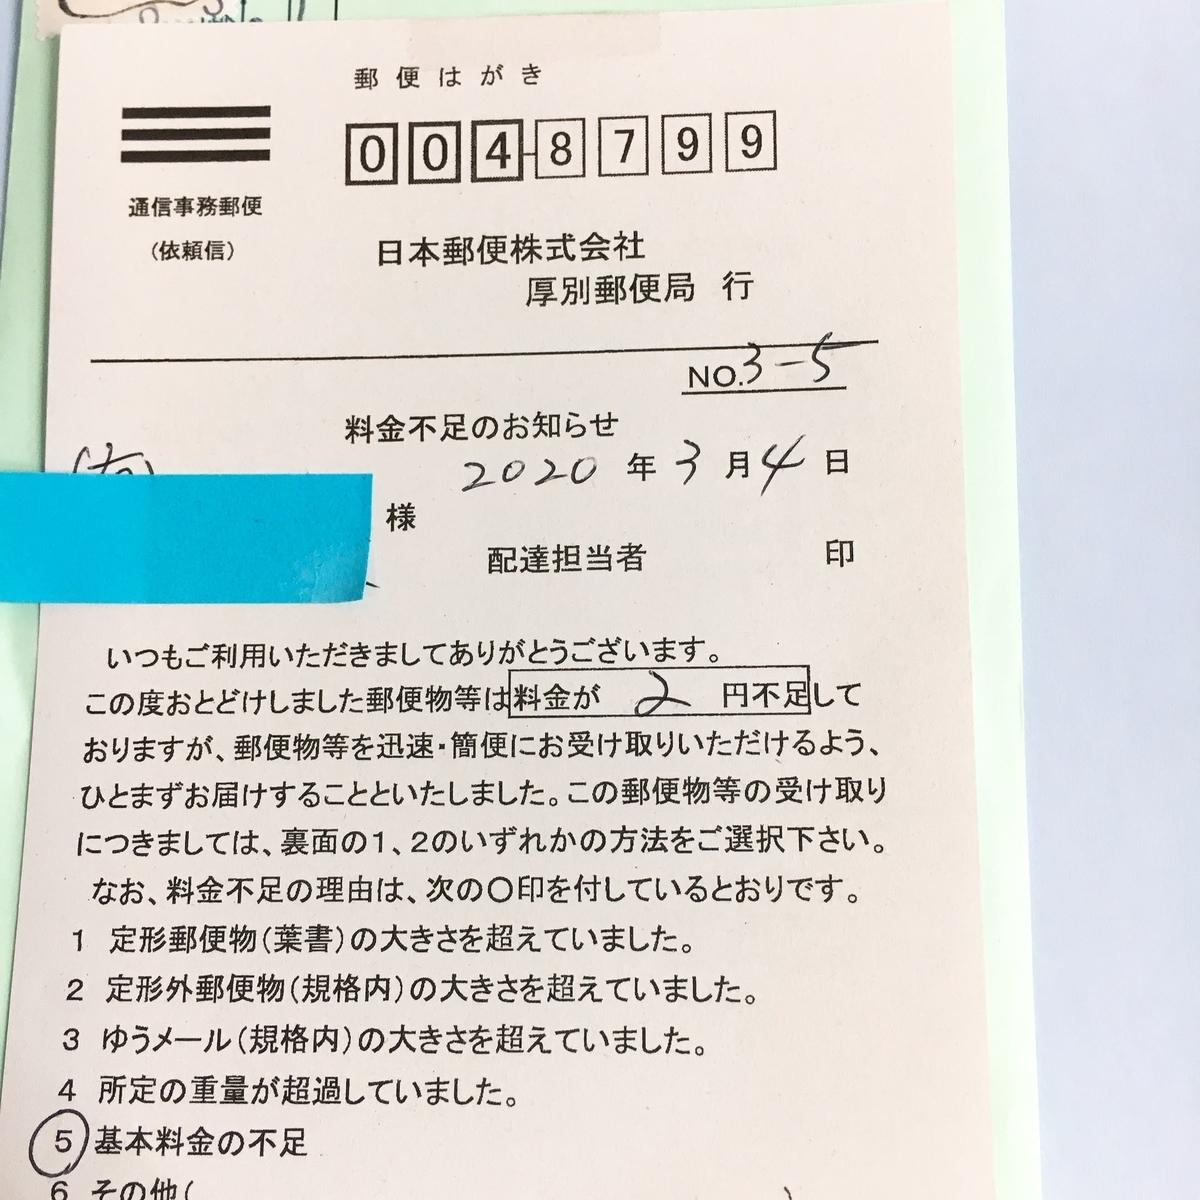 f:id:shibataku3:20200304142108j:plain